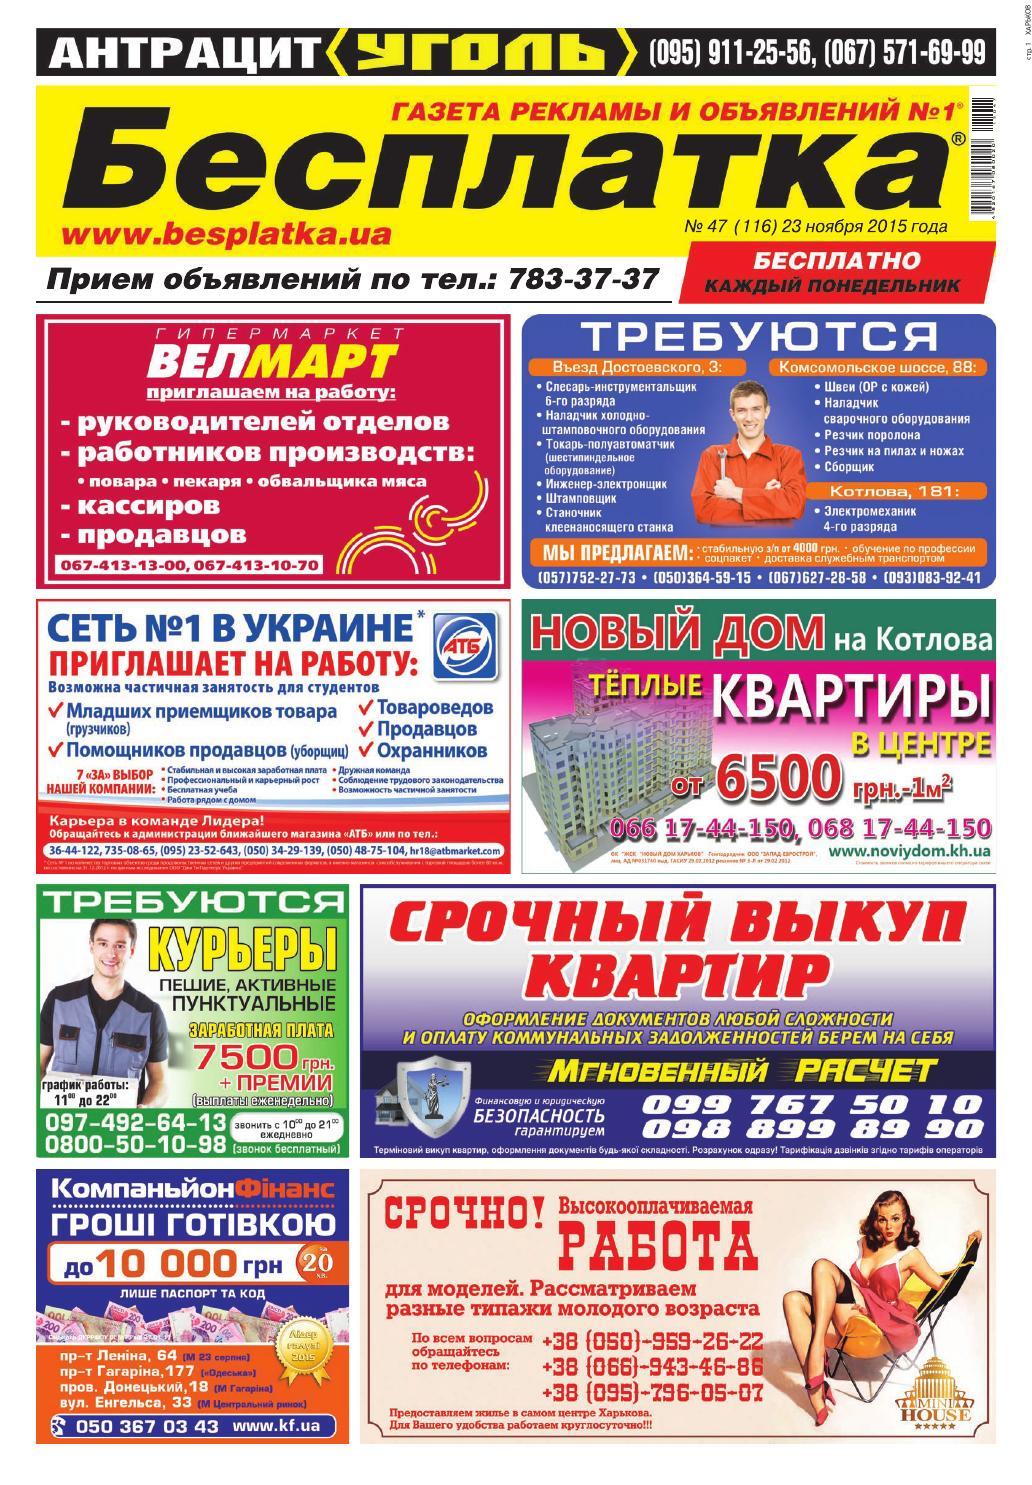 761c5dd7005a Besplatka #47 Харьков by besplatka ukraine - issuu